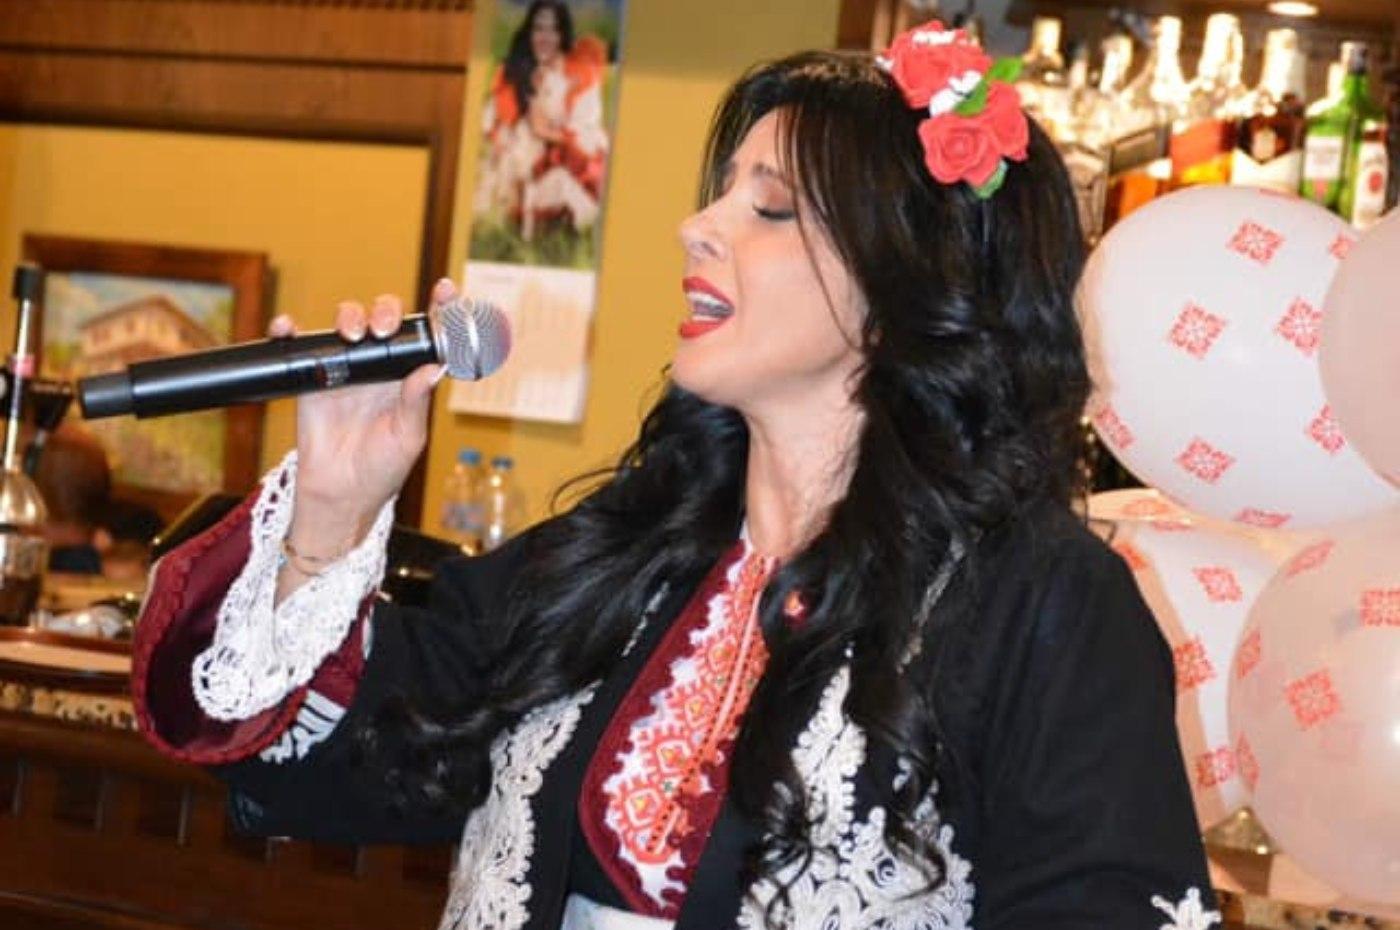 Със стилно парти Росица Пейчева отбеляза 30 години на музикалната сцена